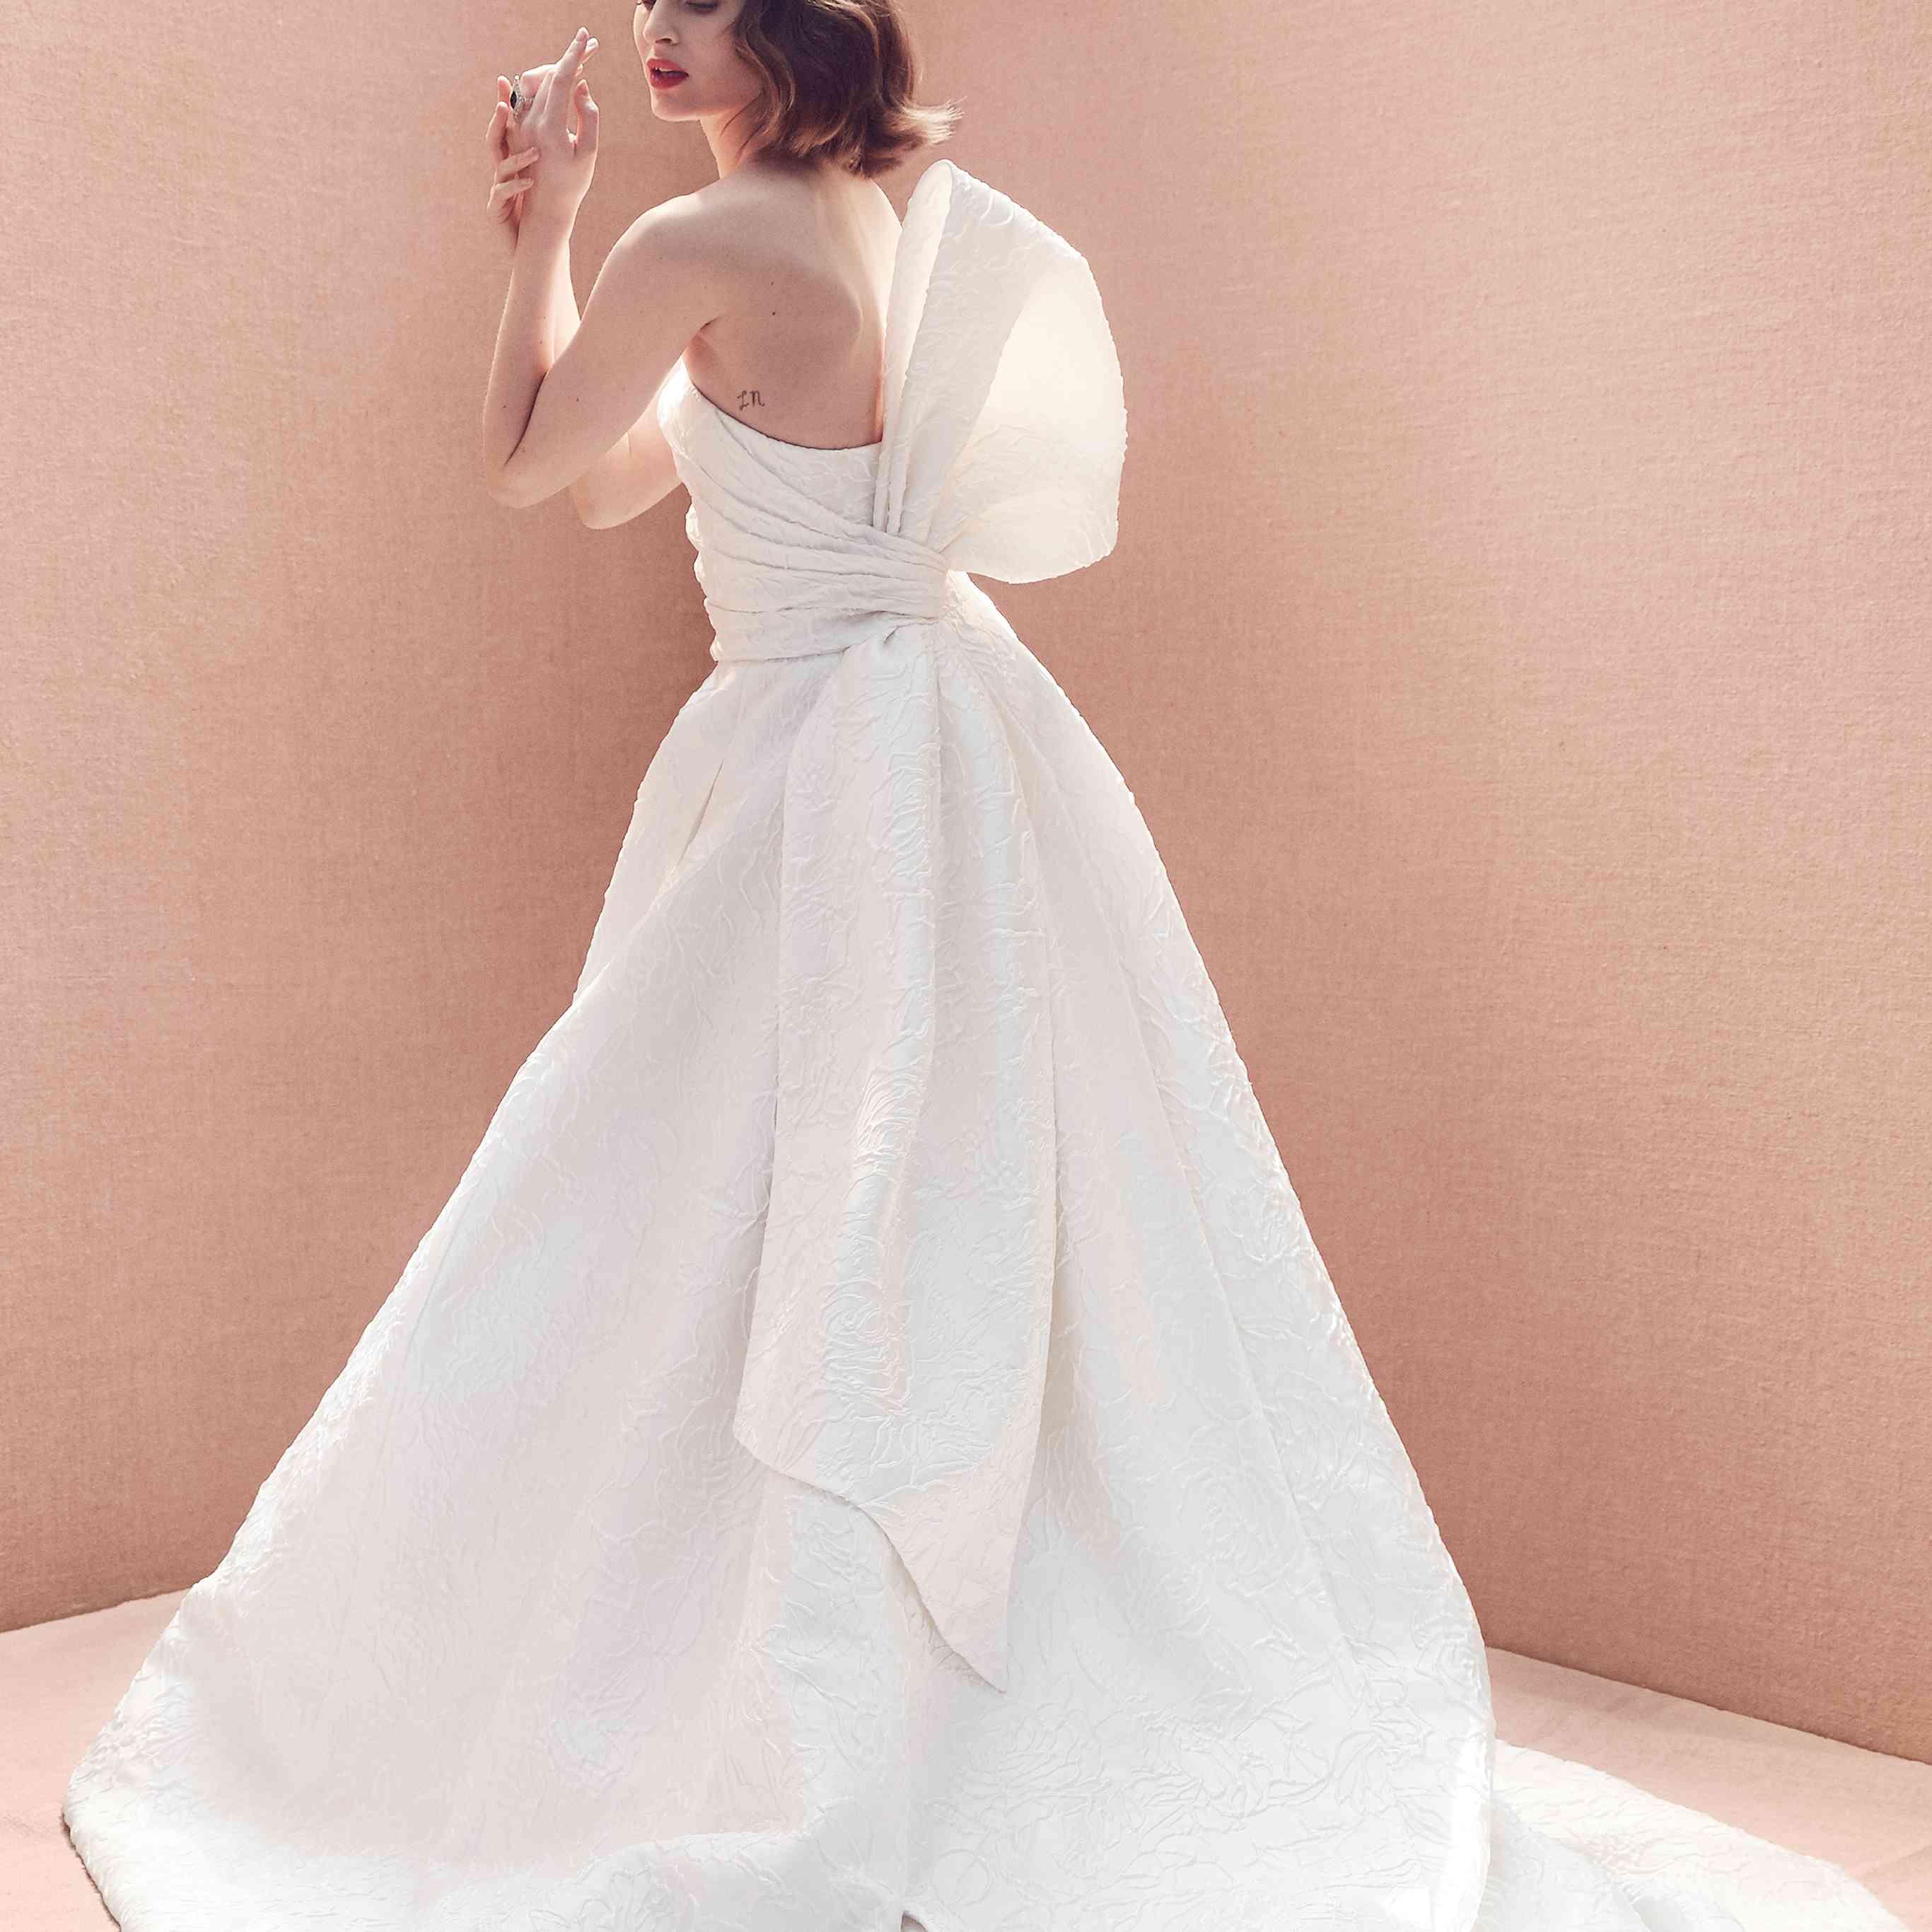 Wedding Gown Alterations Nyc: Oscar De La Renta Bridal Spring 2020